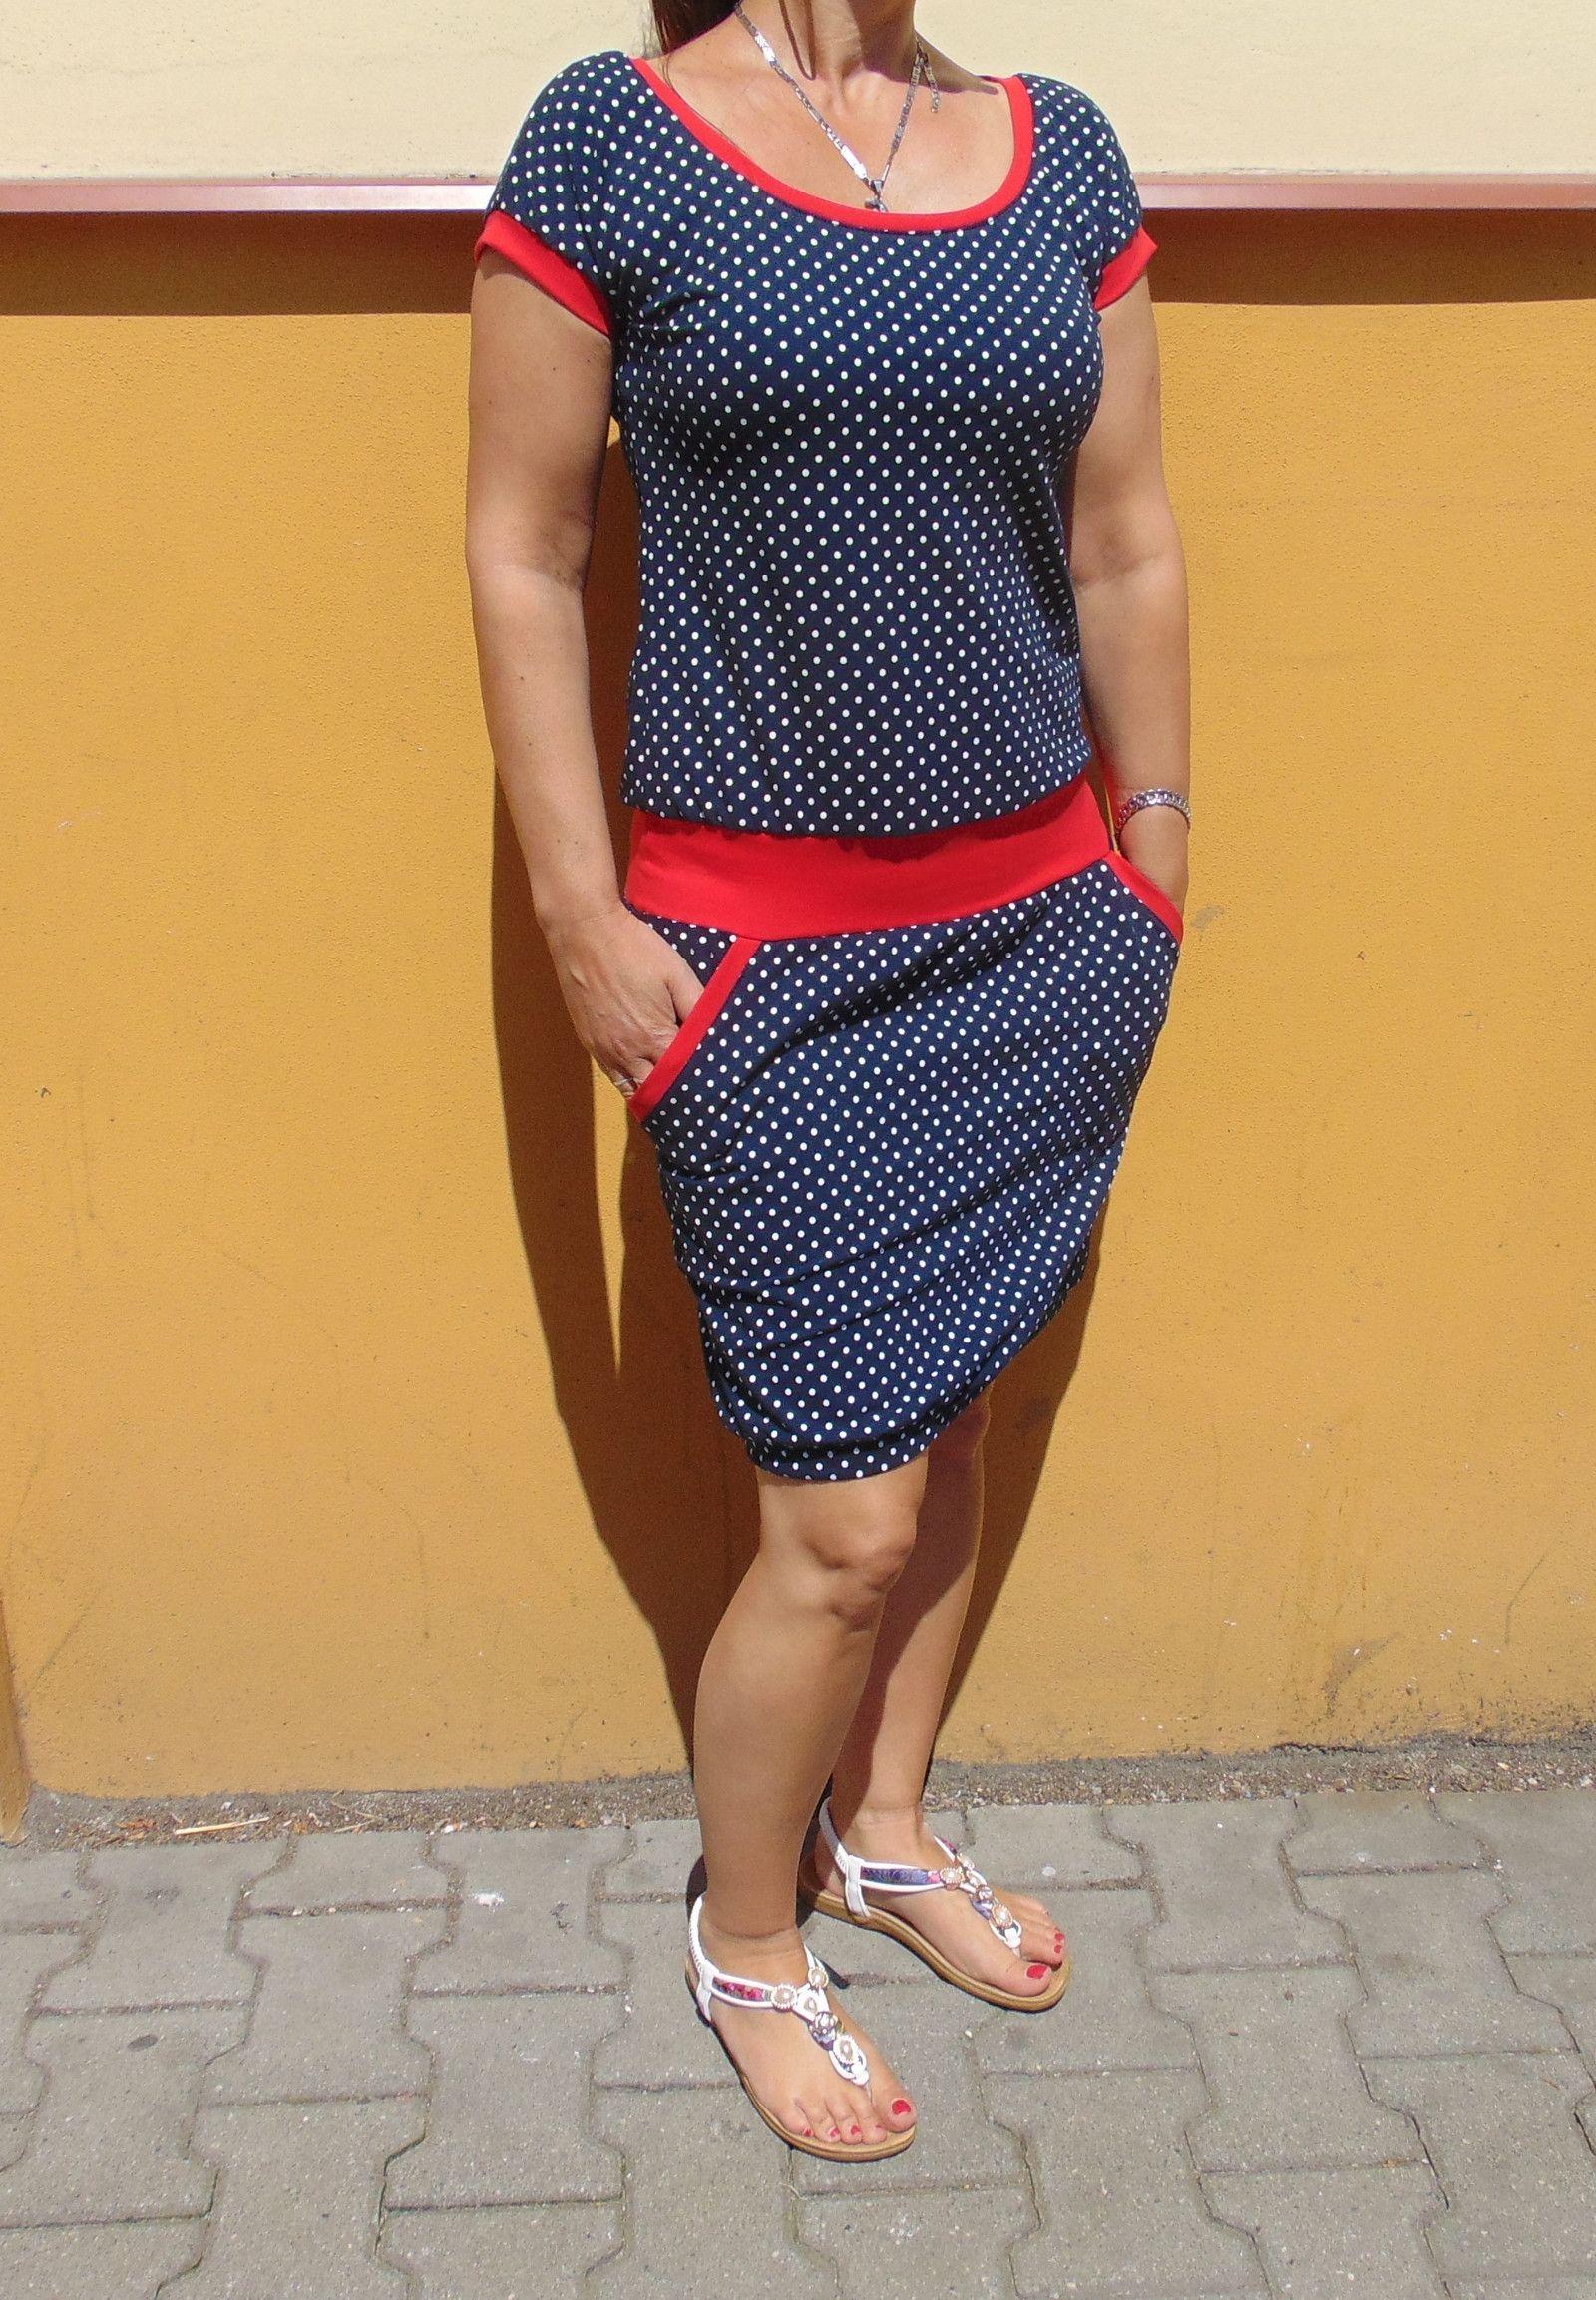 baf1e9c1d630 šaty+puntik+na+tm.modré+s+červenou+jsou+ušité+z+bavlněného+úpletu+95%bavlna+5%elastan  +střih+mírně+projmutý